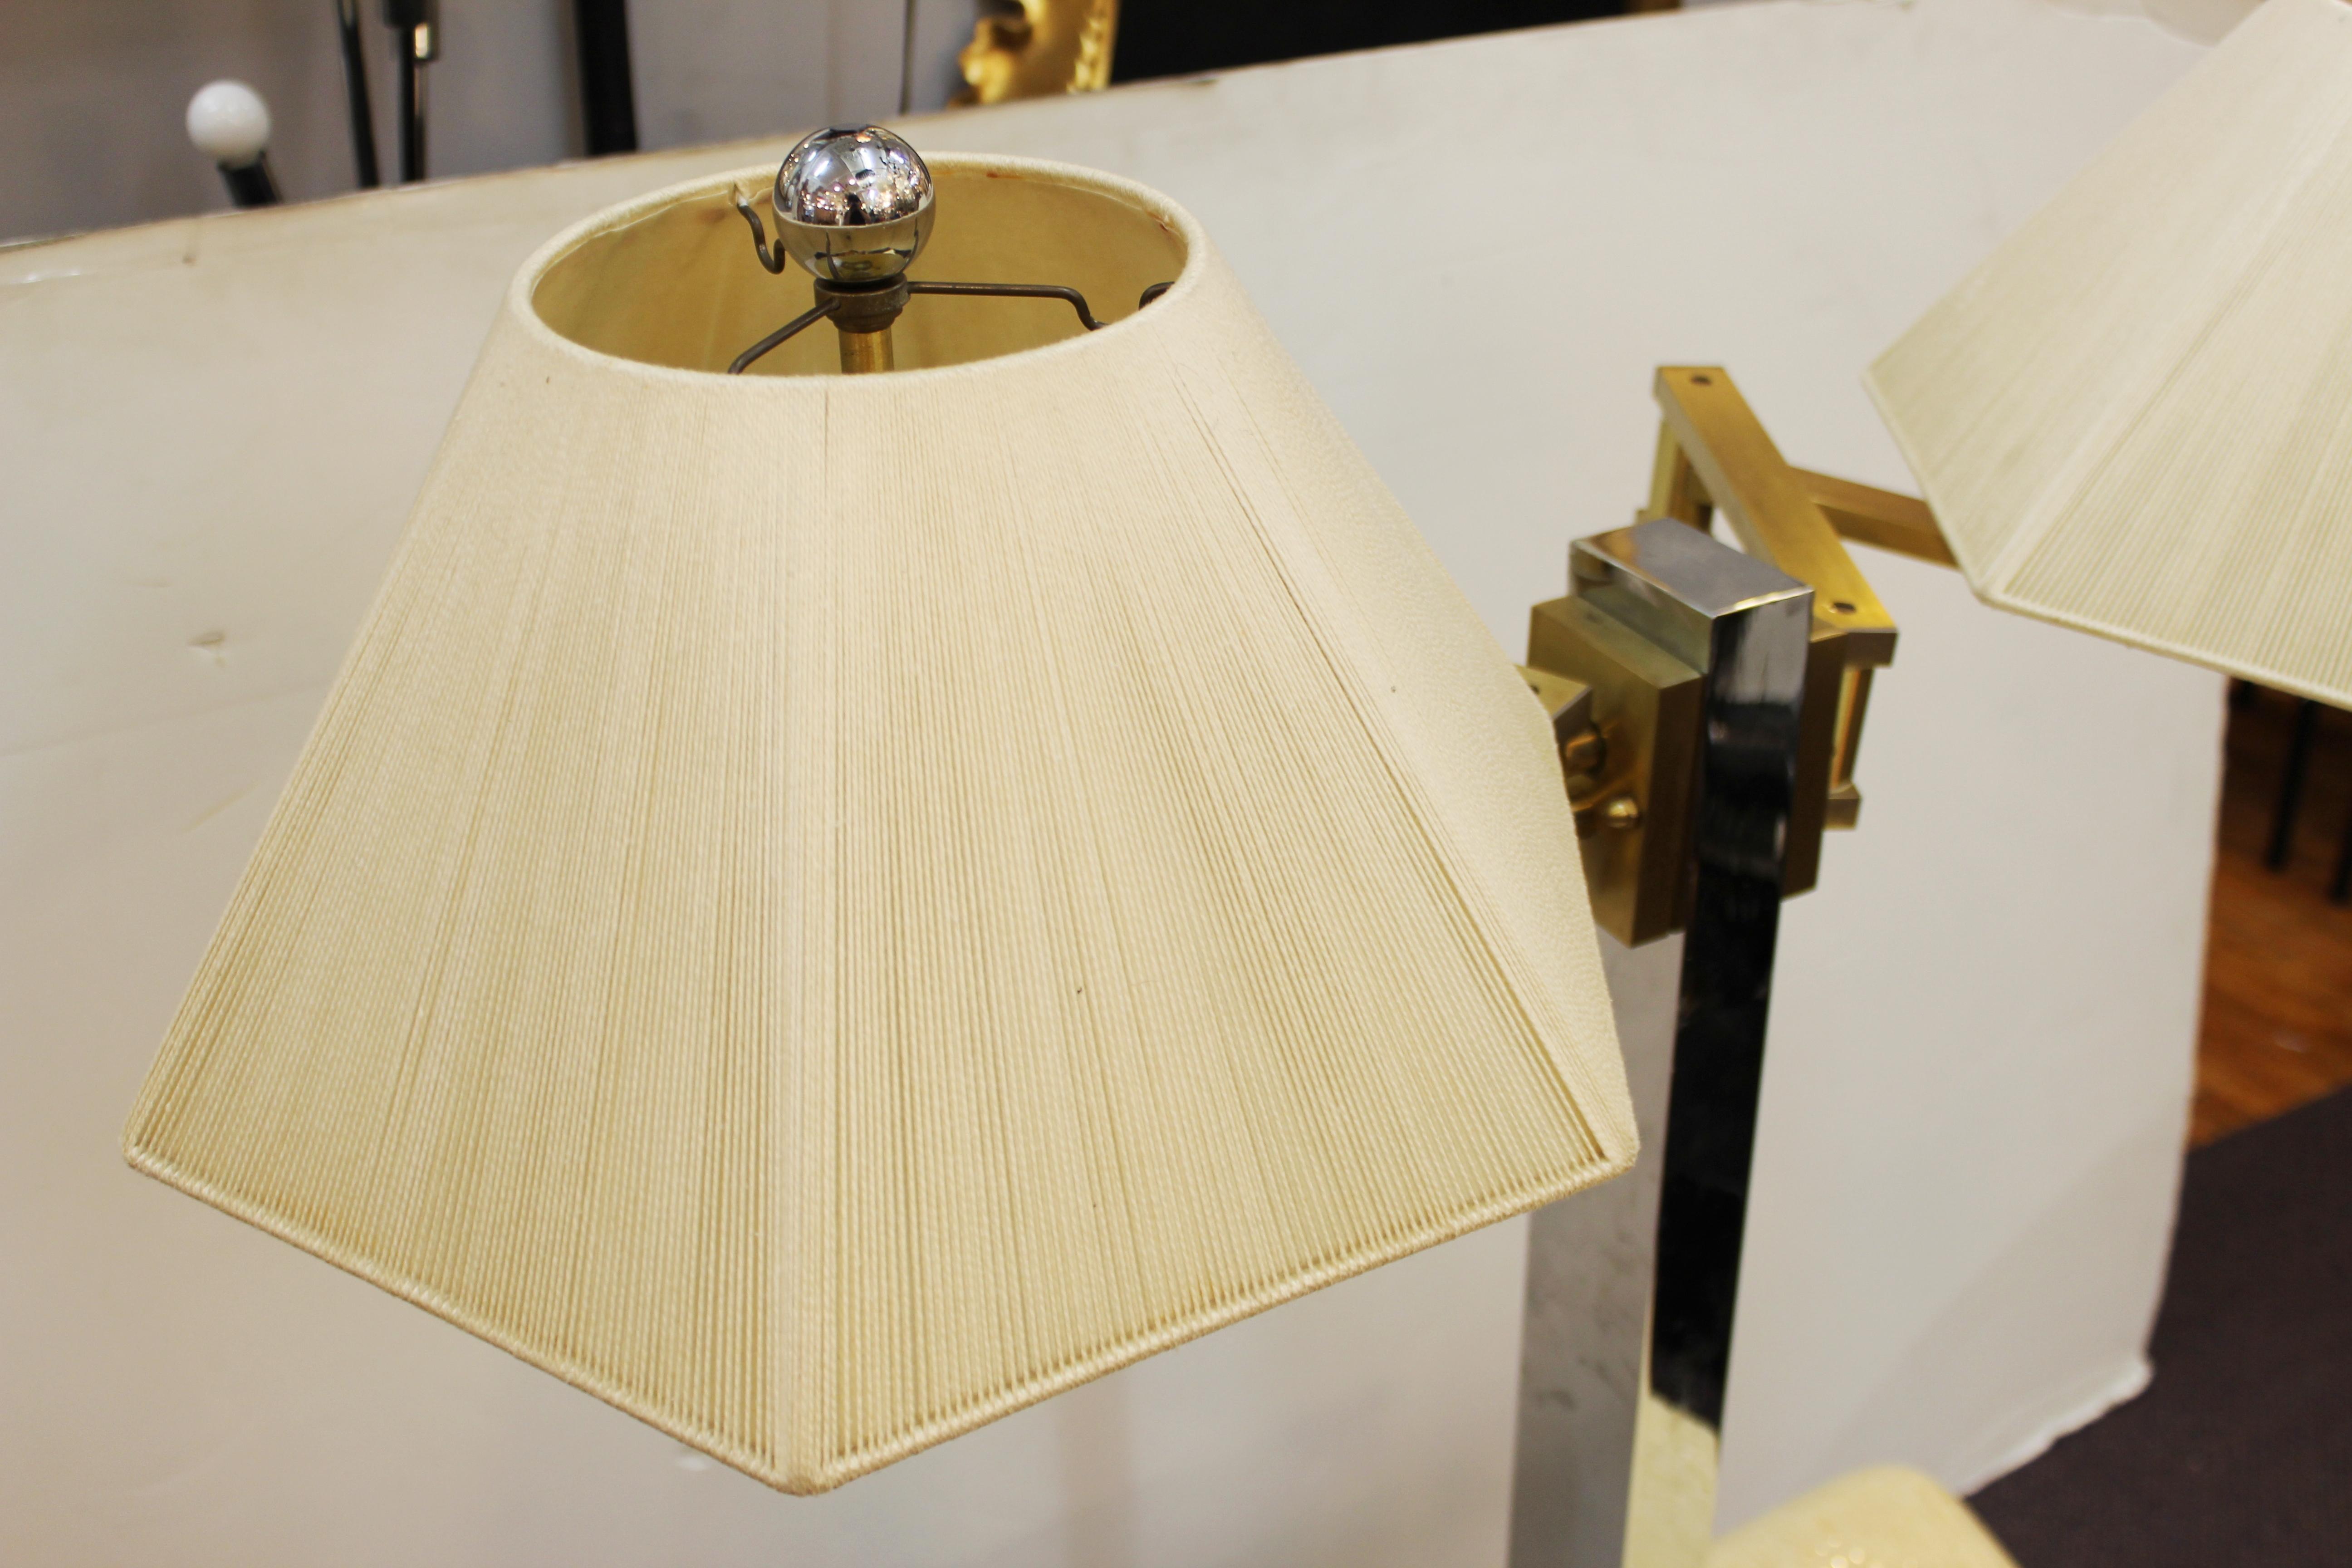 Moderne Lampen 8 : Enrique garcel moderne mosaikartiger knochen beistelltisch mit